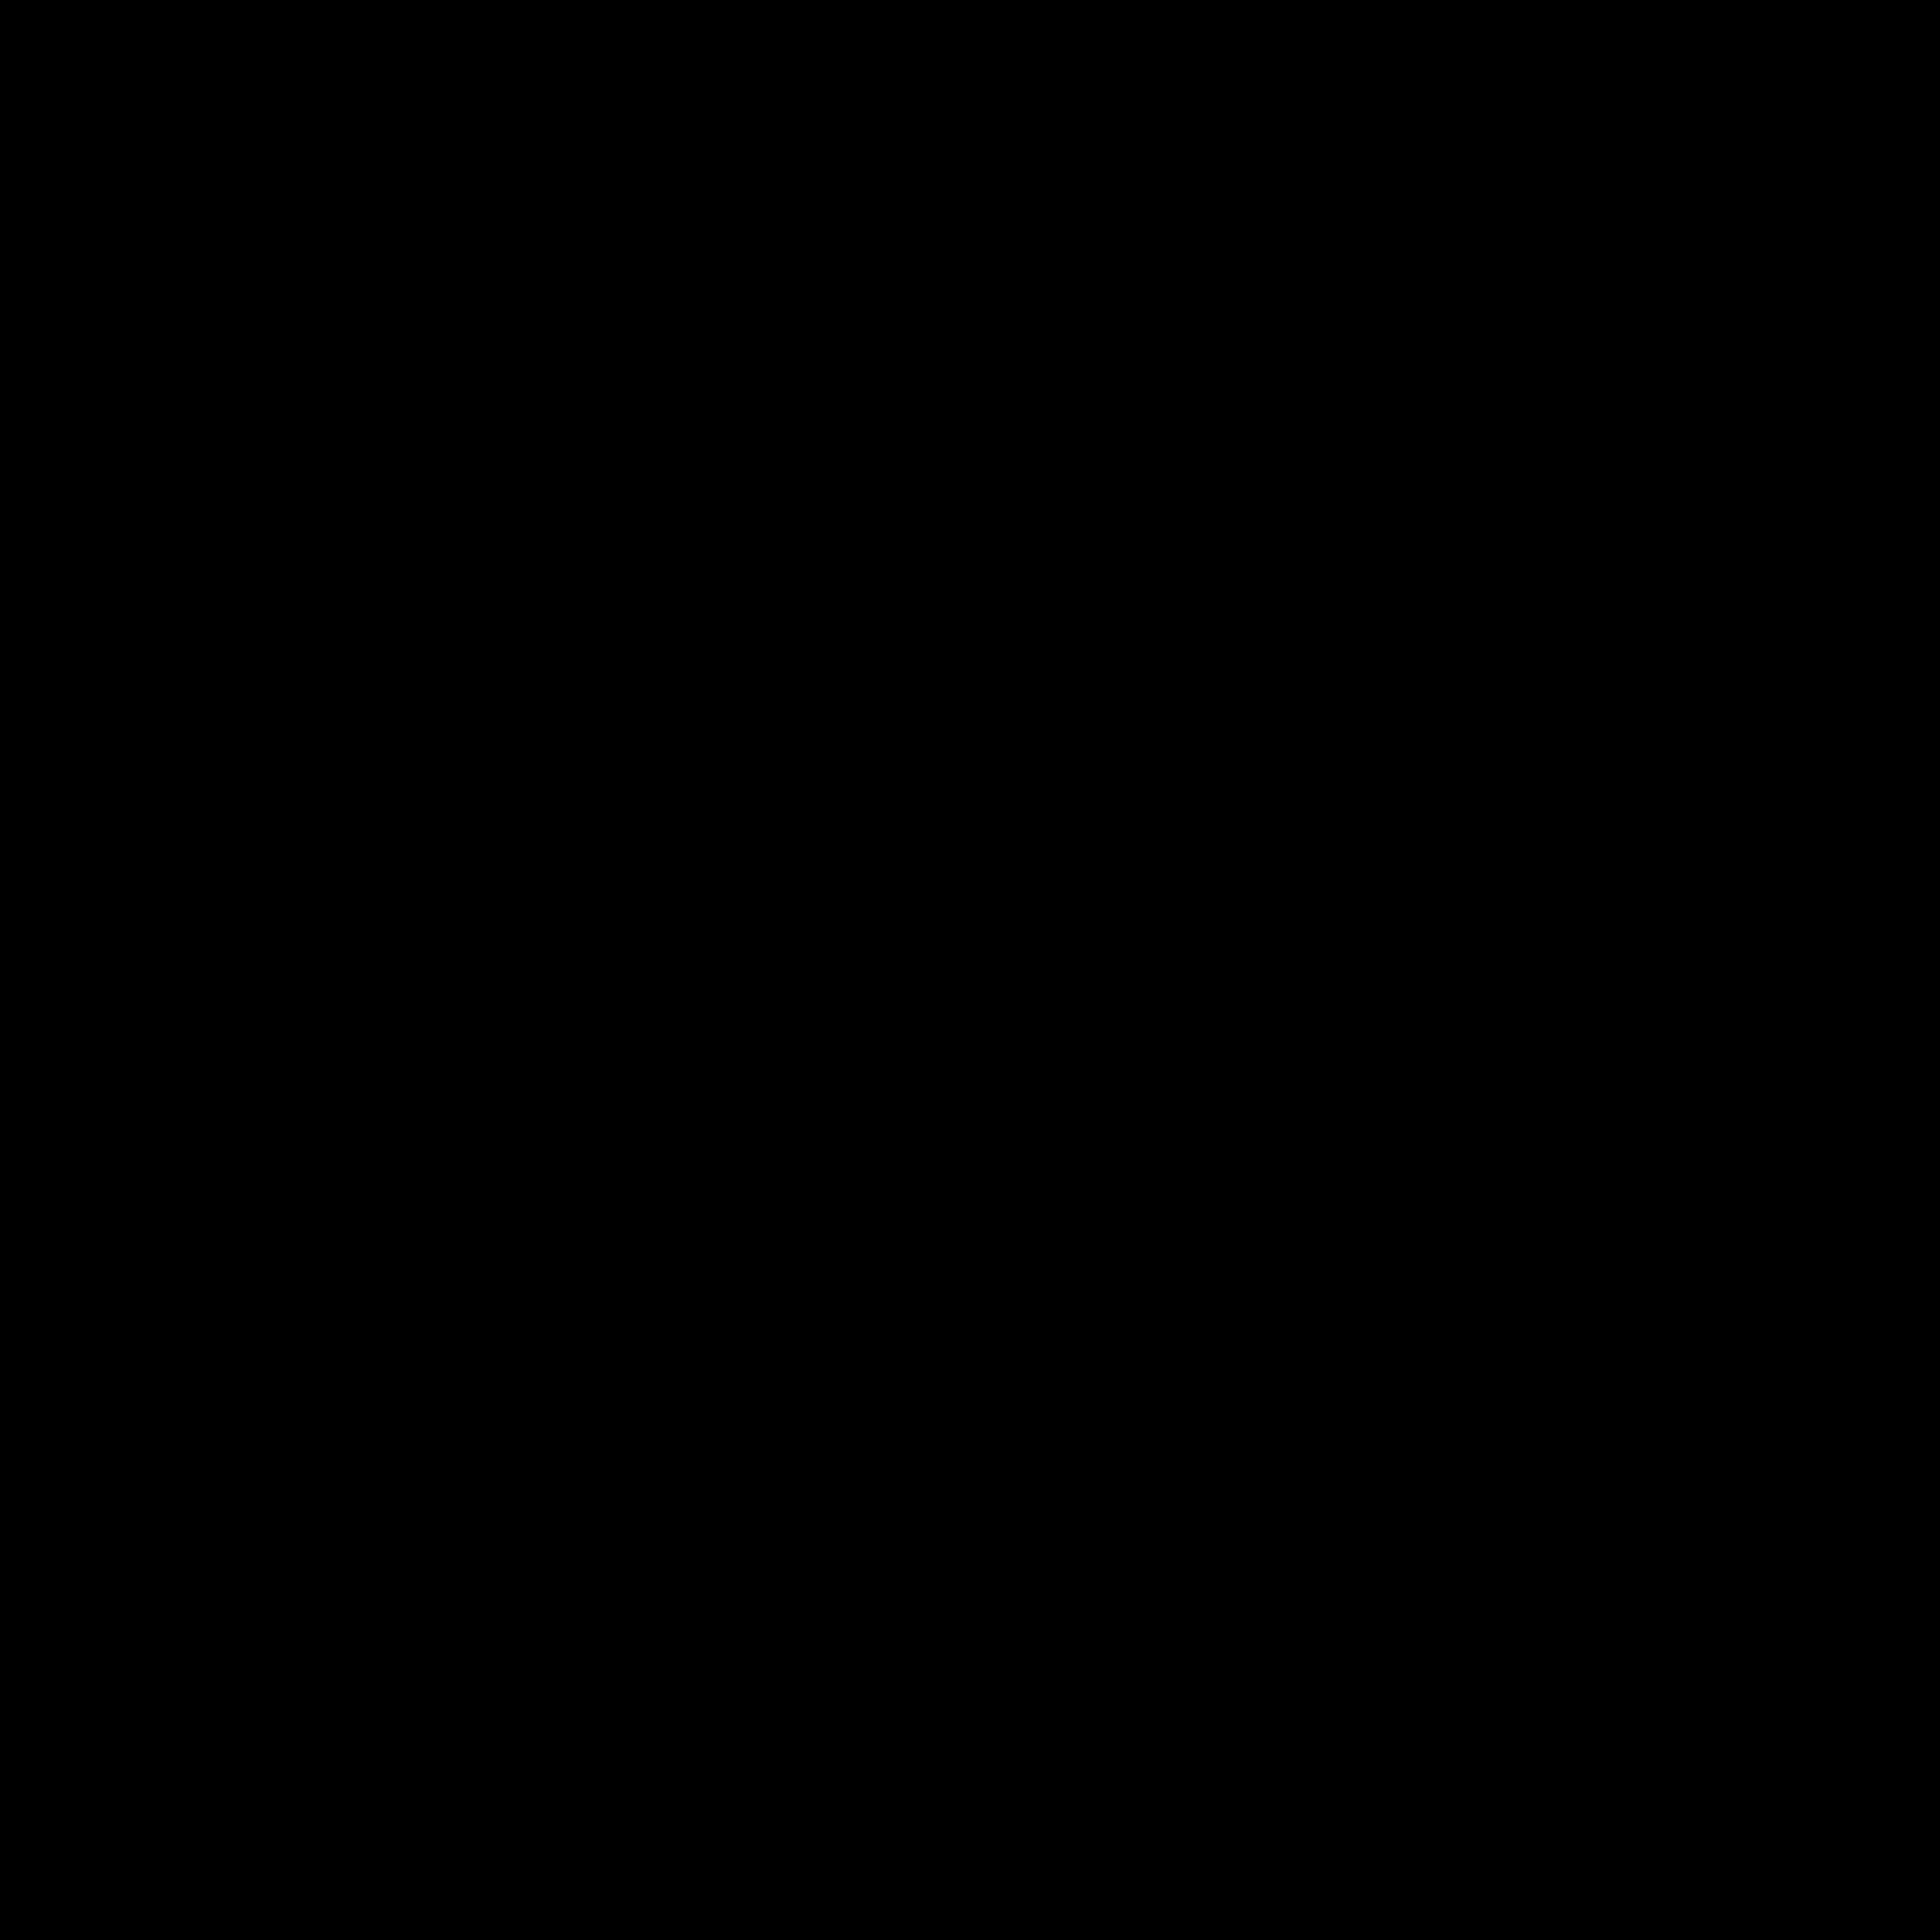 Logo für Webseite zum Thema Bayernurlaub gesucht.